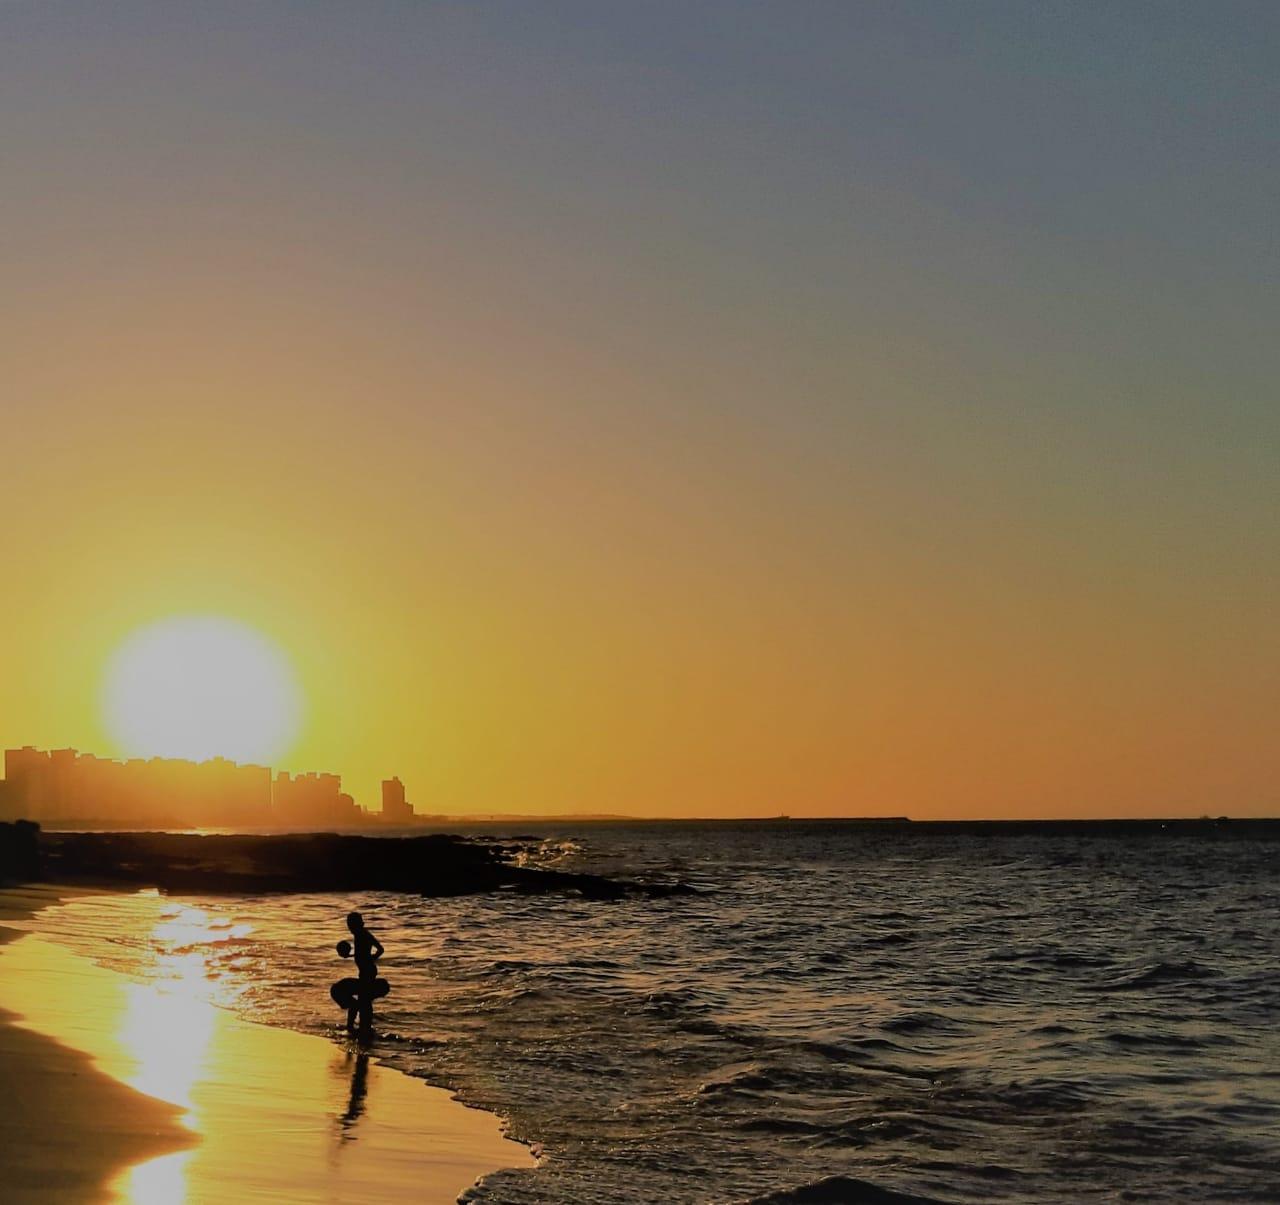 Sol reinará ao longo do sábado e domingo (FOTO: Felipe Costa)